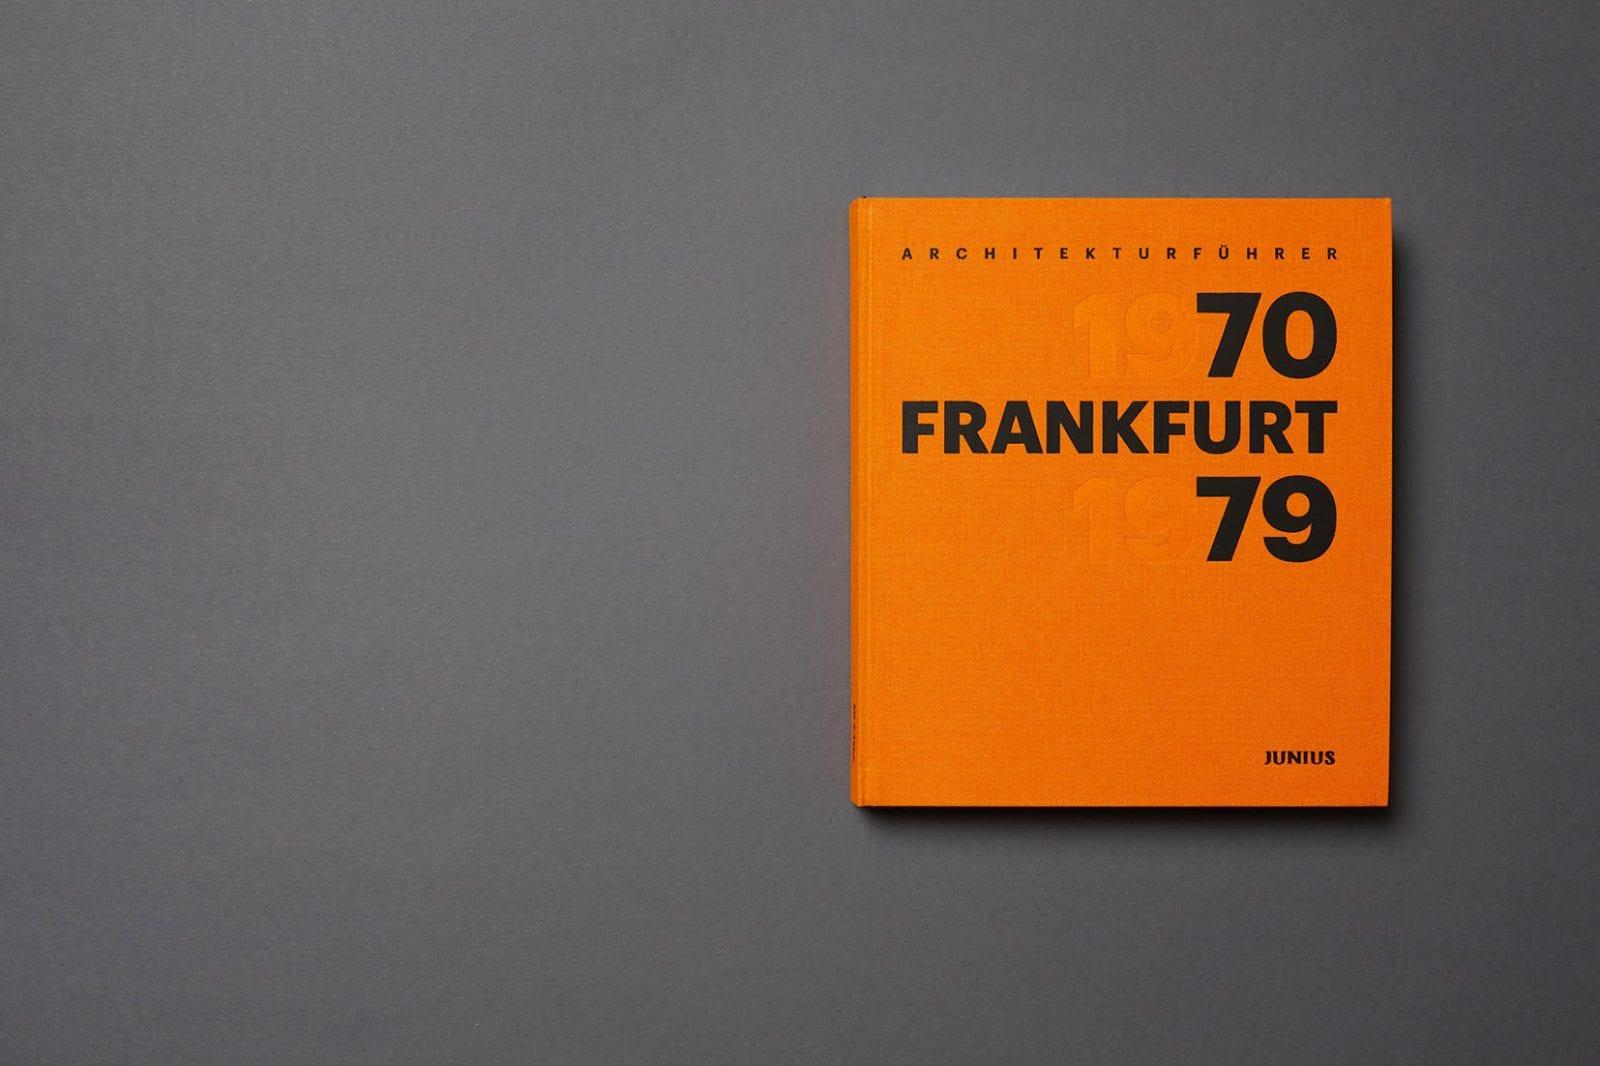 Architekturfotobuch FRANKFURT 1970-1979 (Foto: Wilhelm E. Opatz)